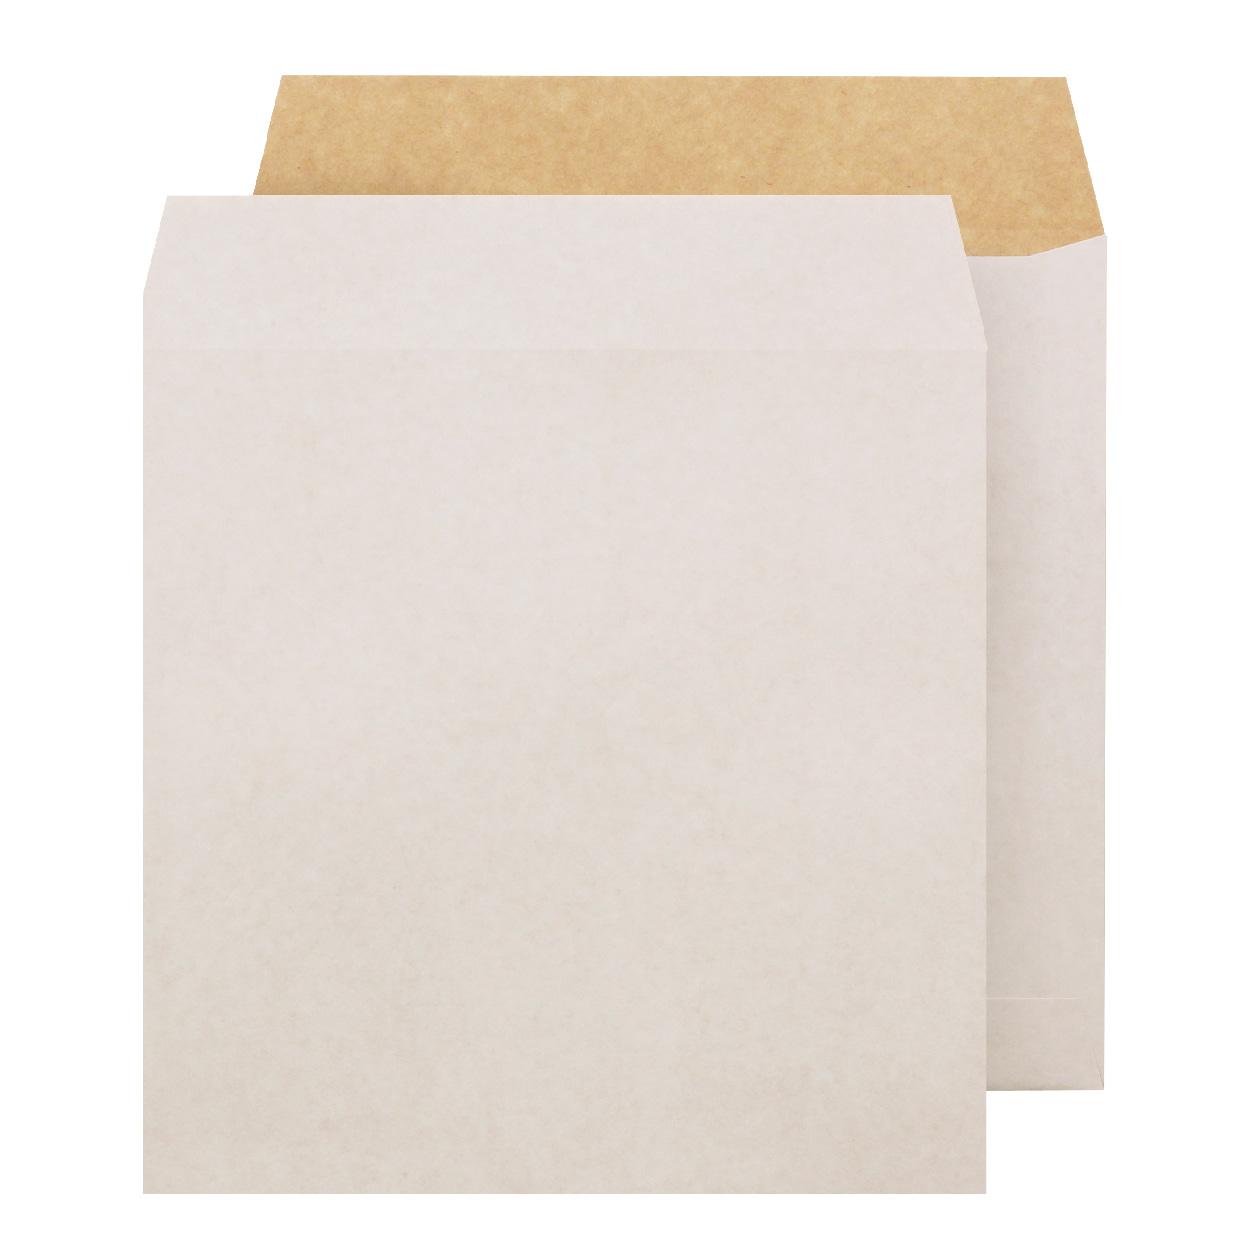 SE22封筒 ホワイトクラフト 100g